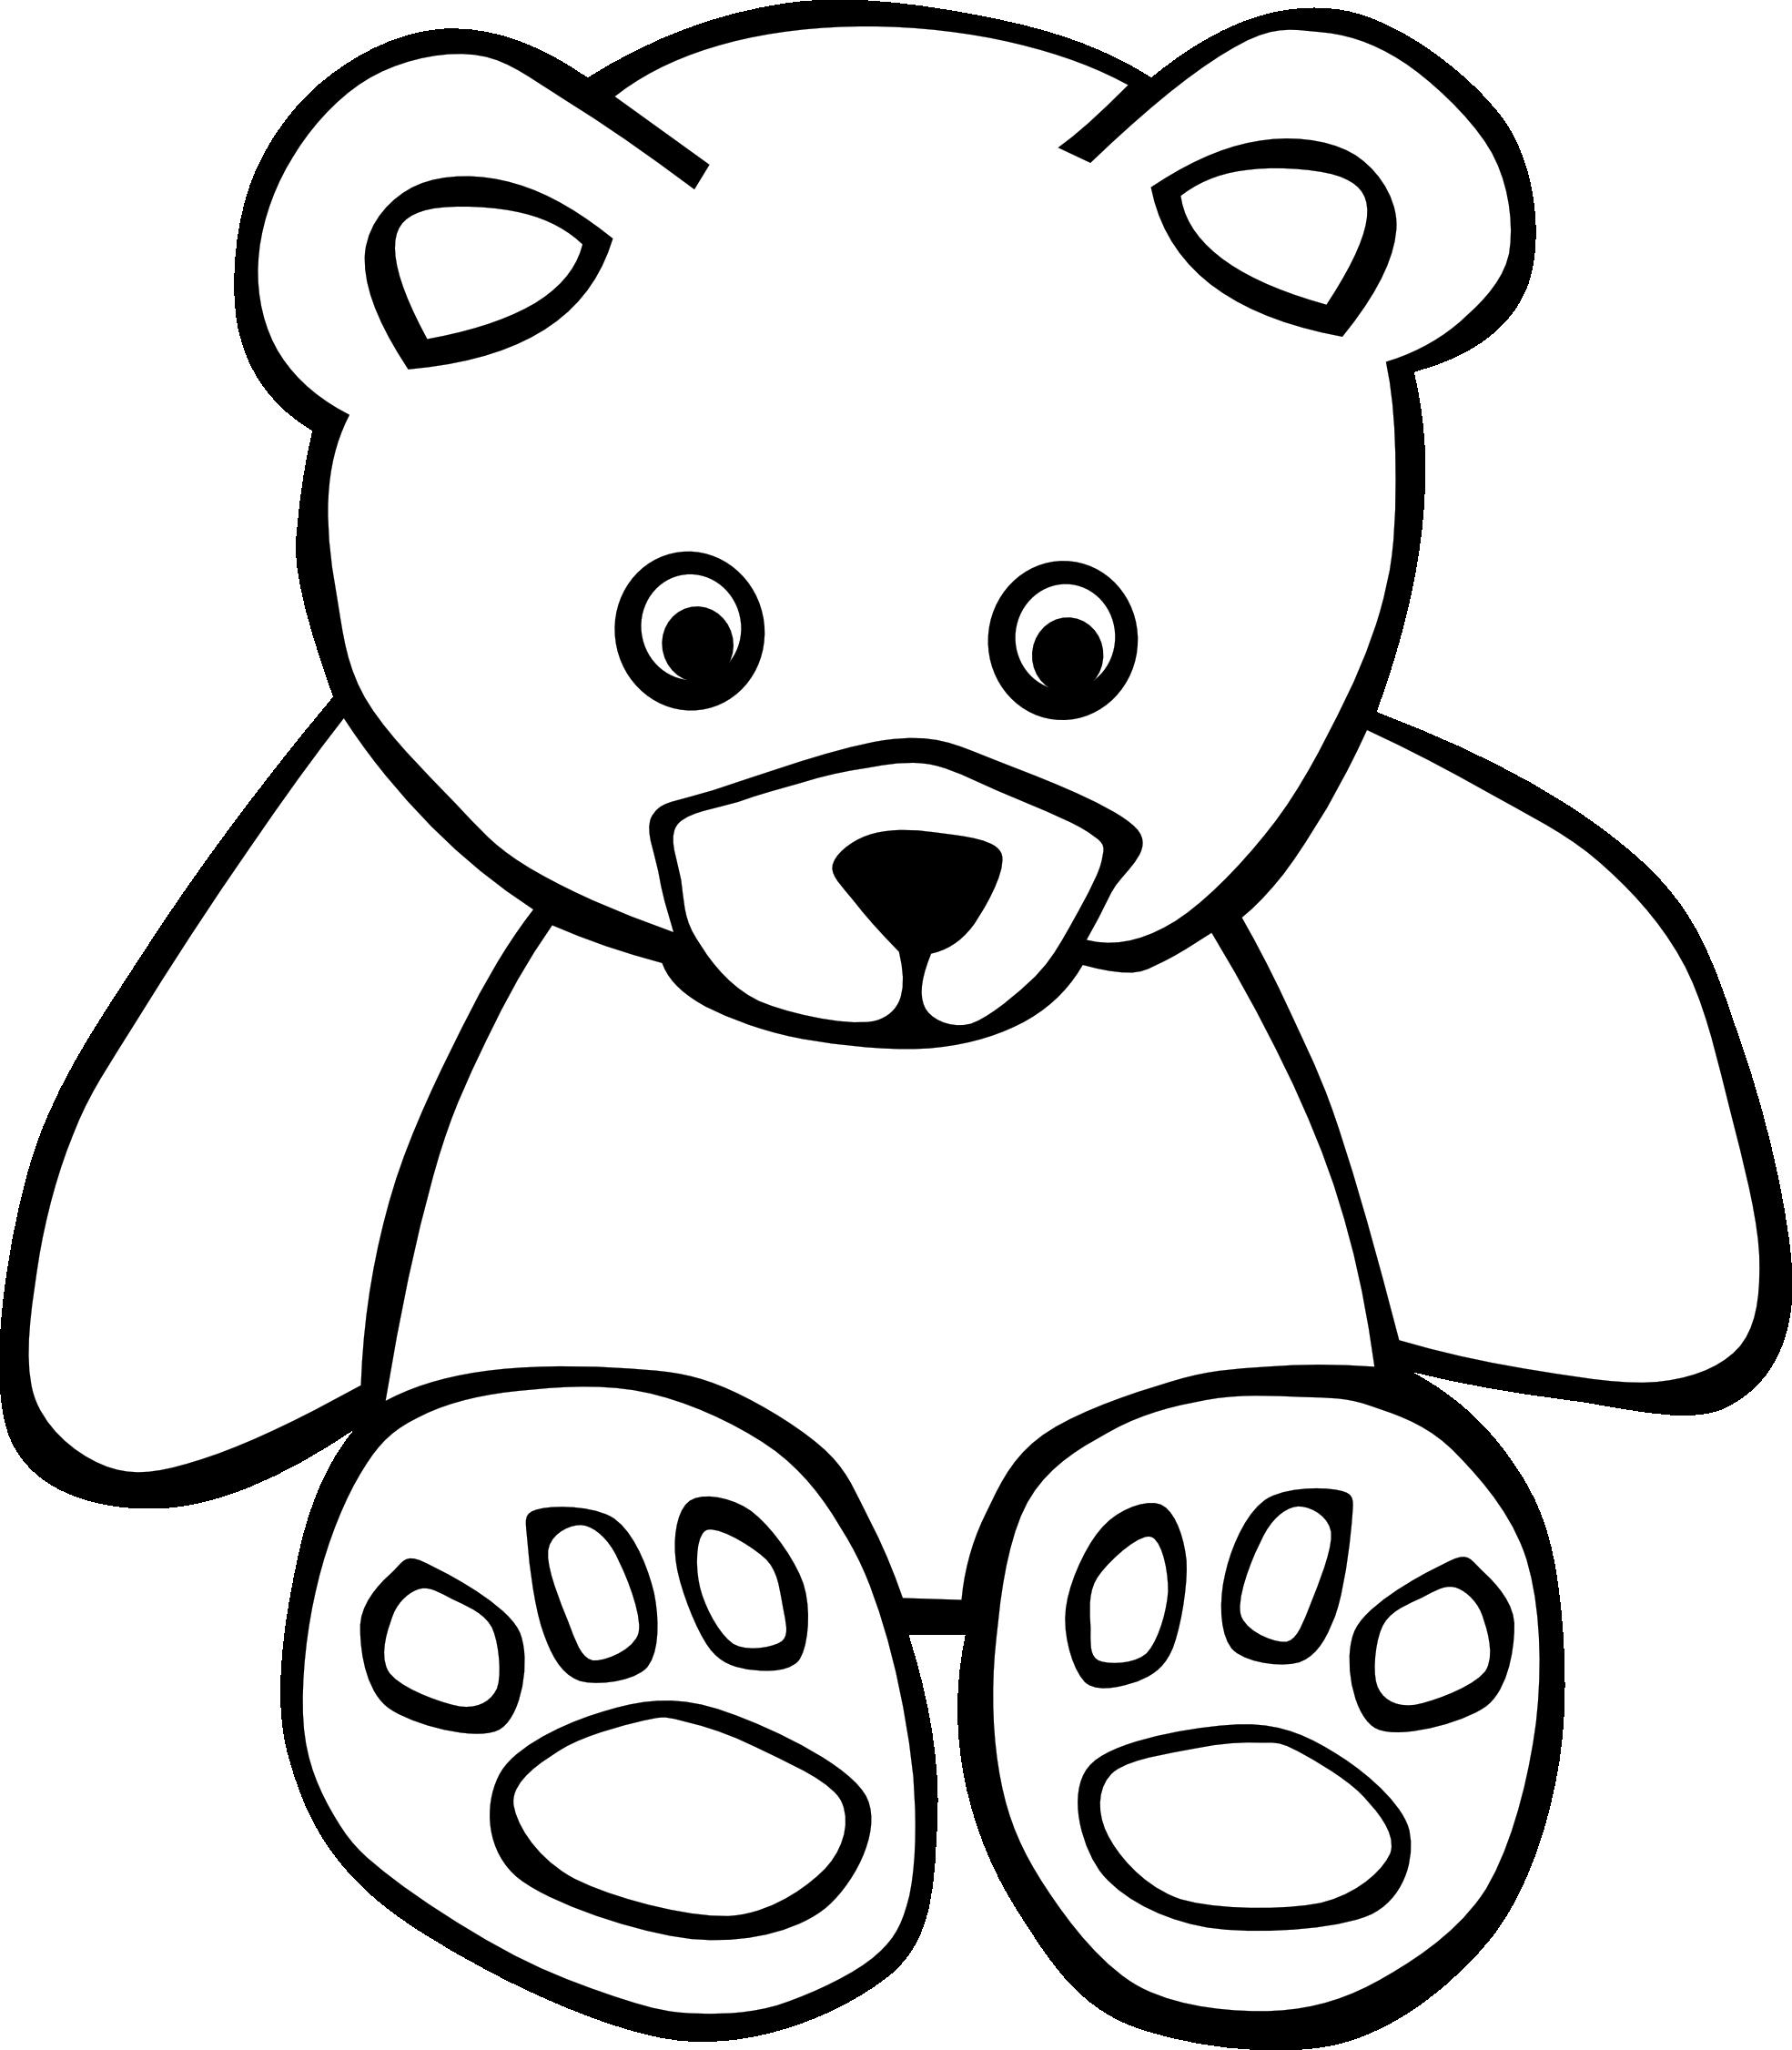 1271715 83 bear black white line art teddy bear.